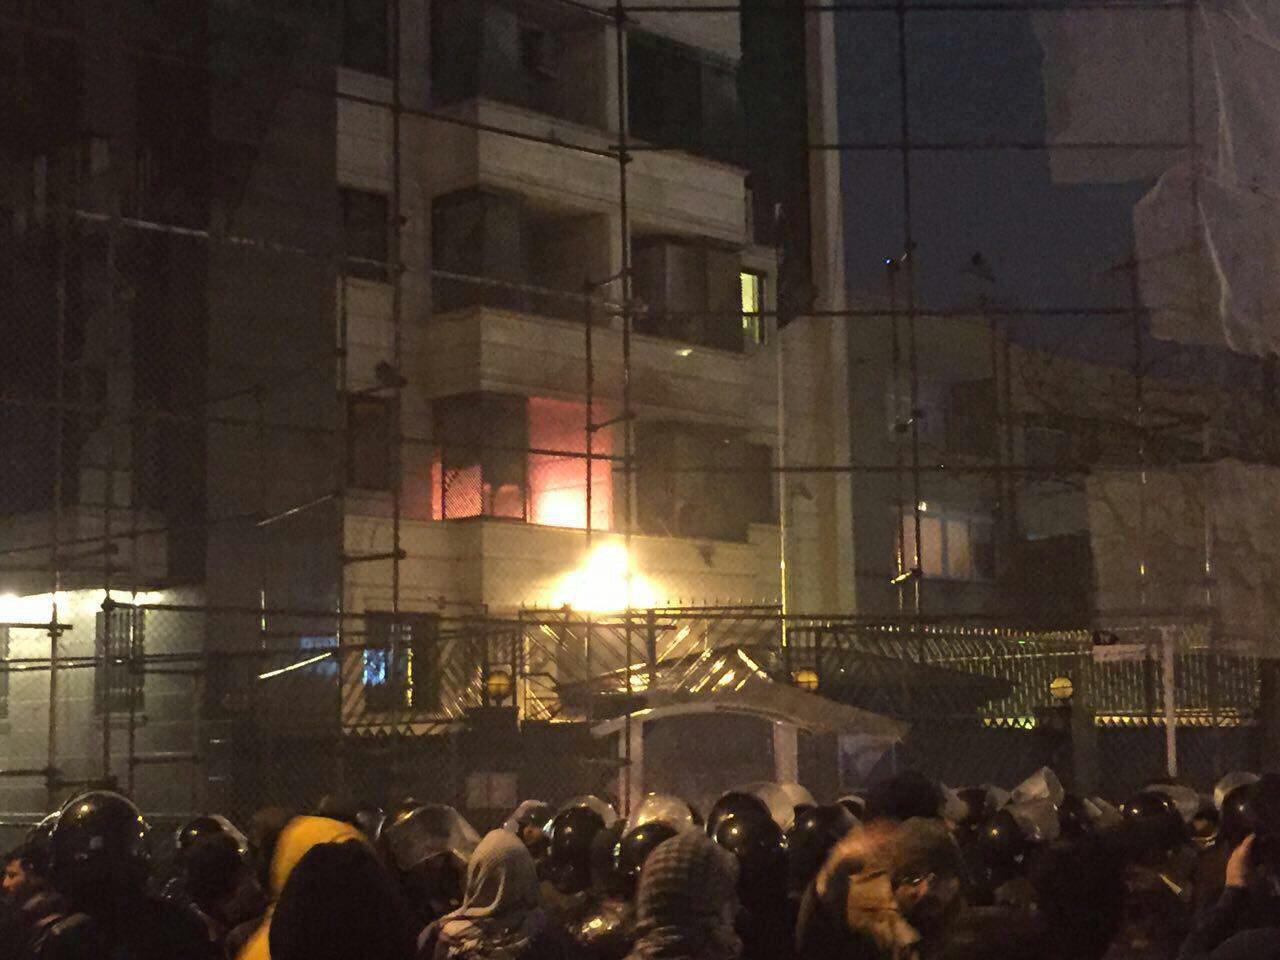 کانال+تلگرام+روزنامه+ایران